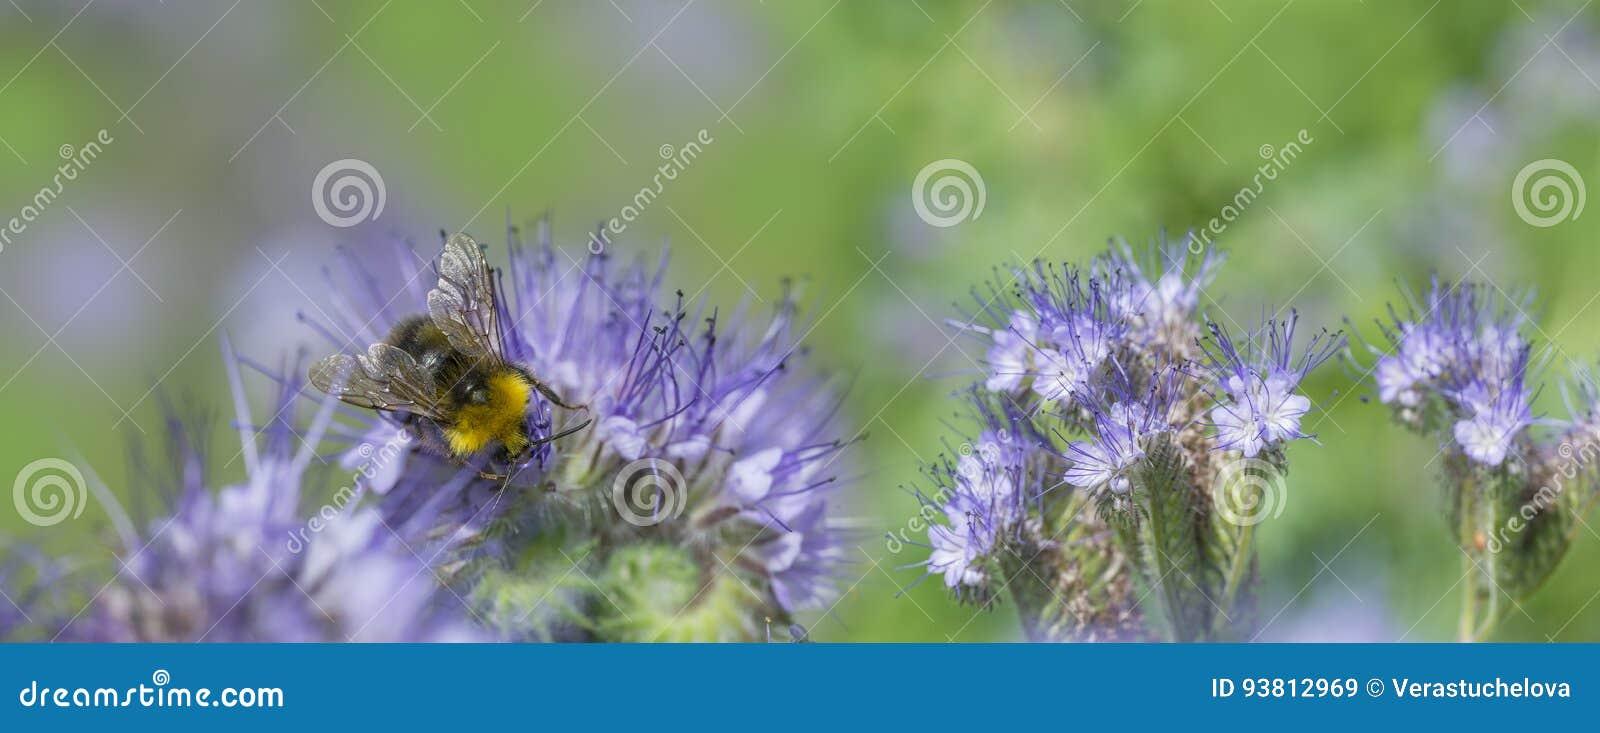 Phacelia Tanacetifolia Pianta Di Miele Immagine Stock Immagine